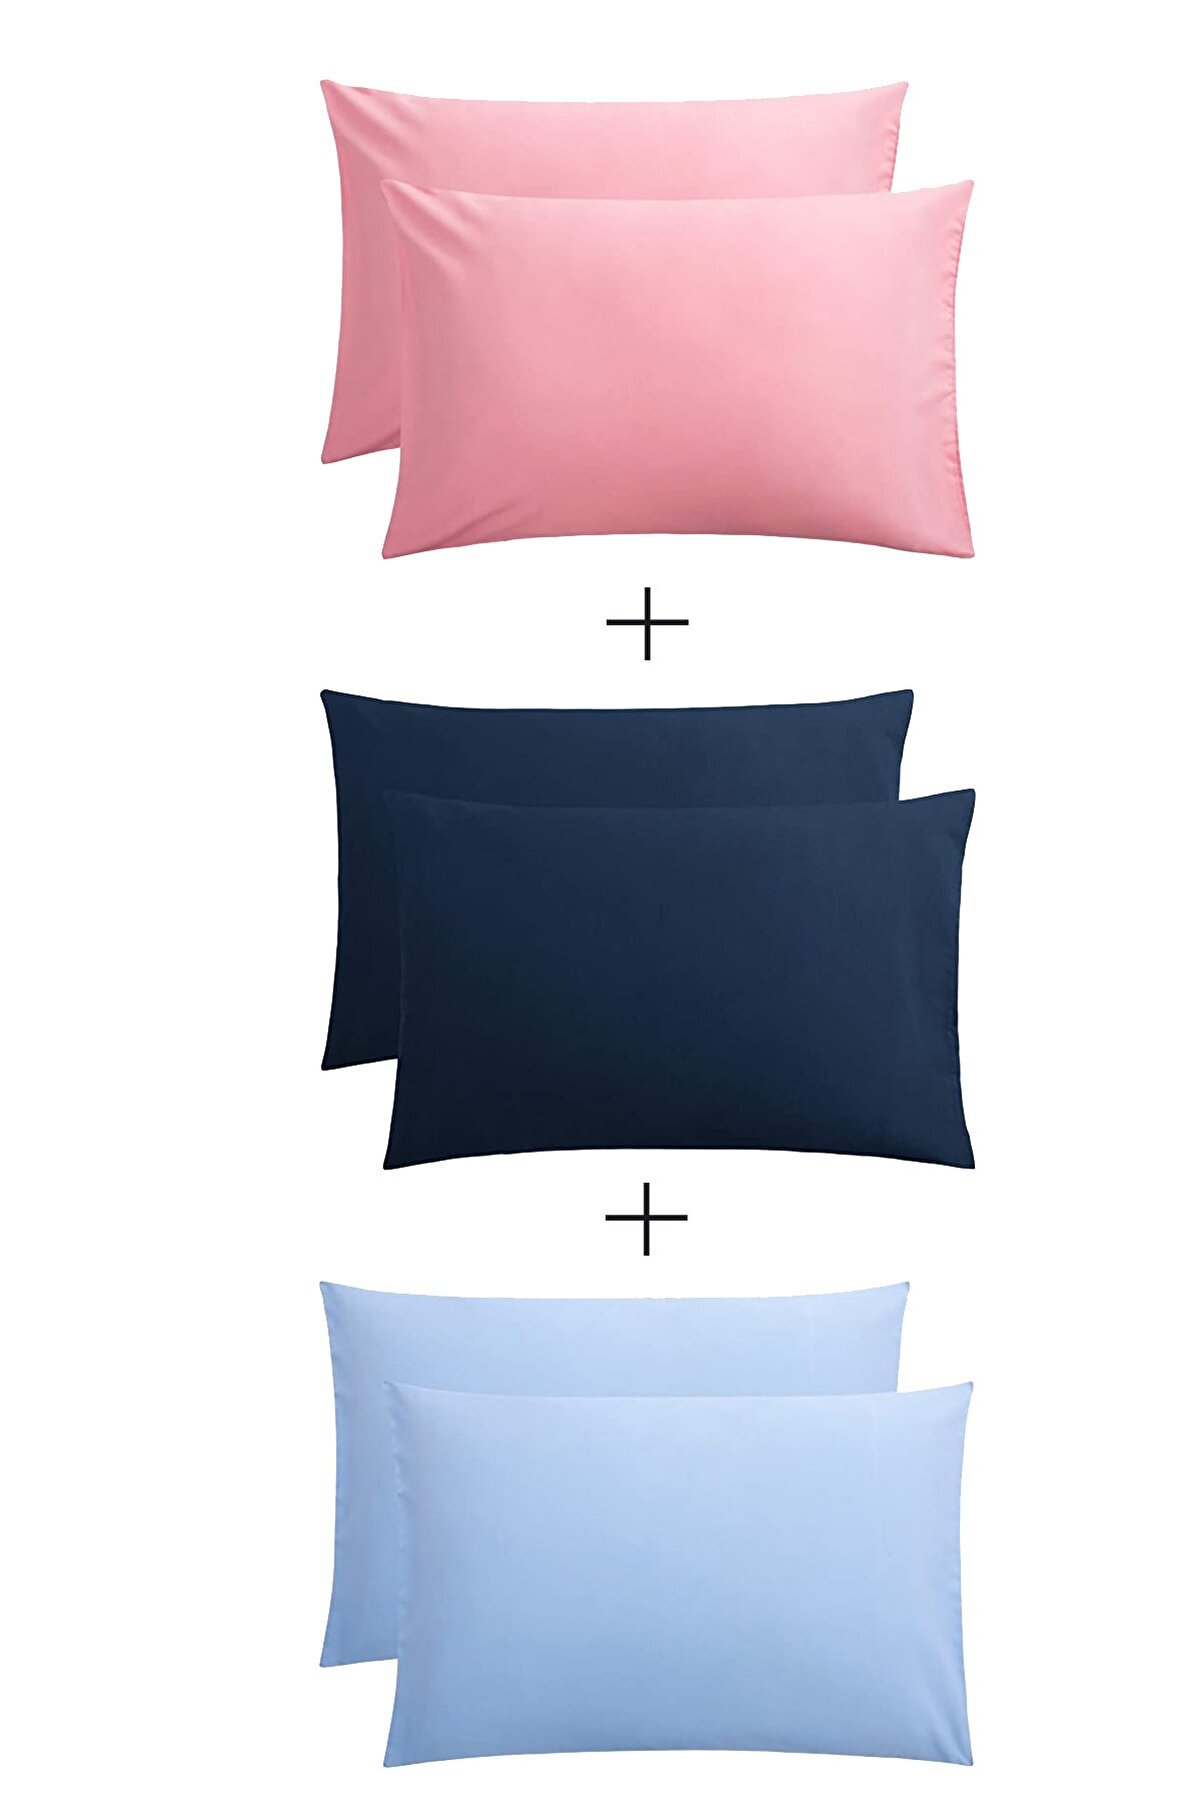 StellaFlavo Stella Flavo 6'lı Yastık Kılıfı 50x70+20cm Kapaklı Pembe-lacivert-mavi